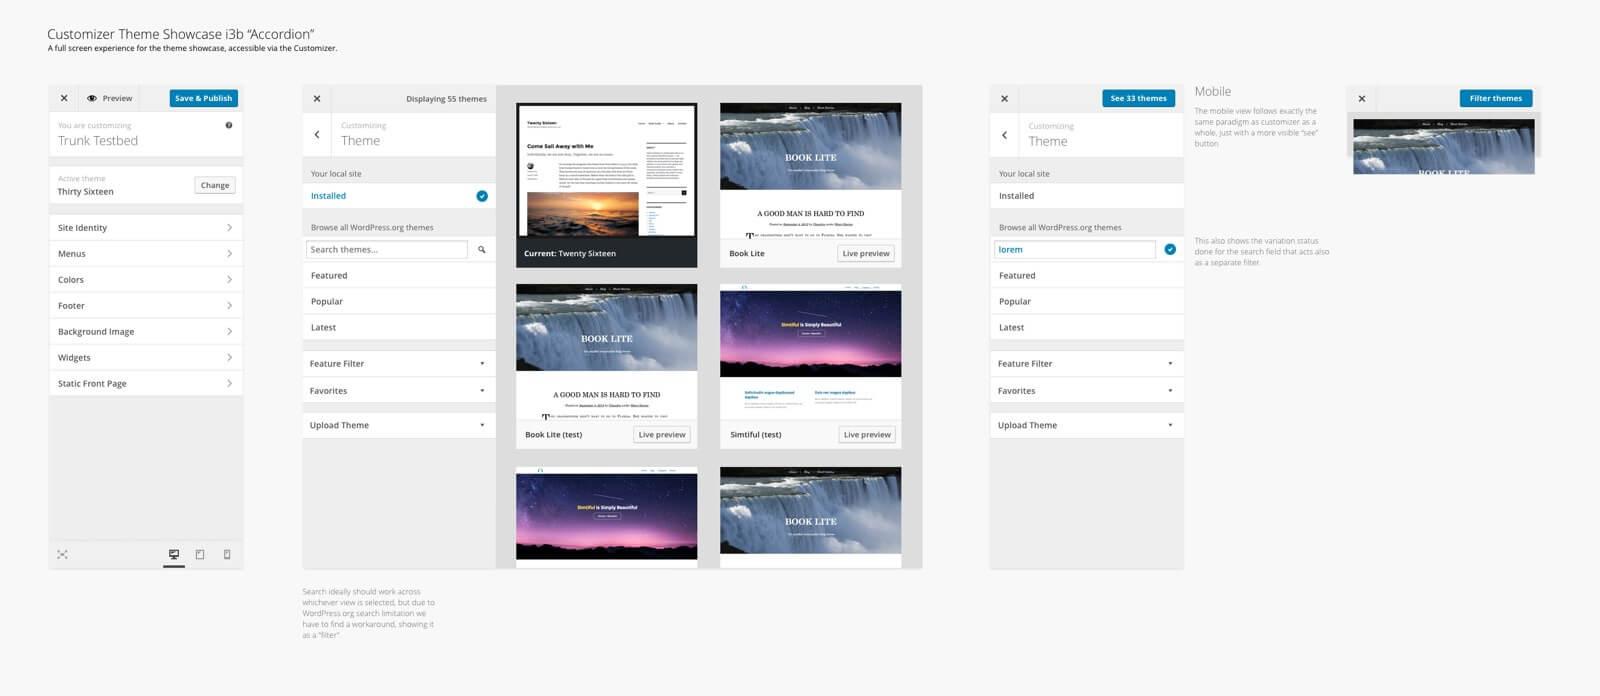 Interface de utilizador na personalização de temas do WordPress 4.7